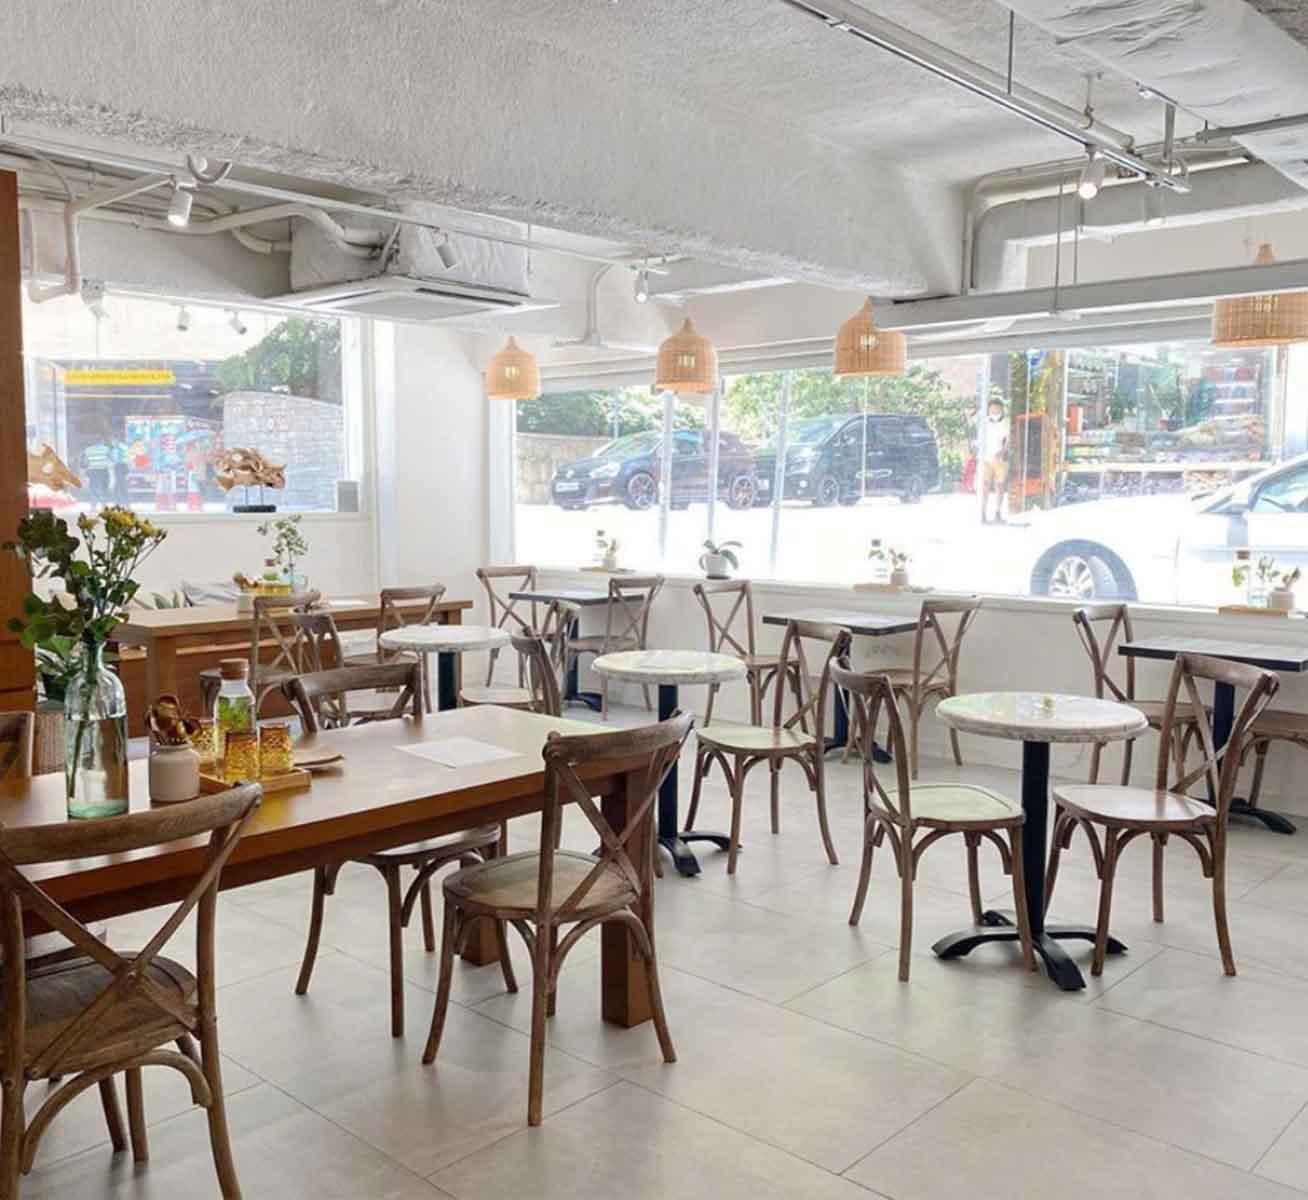 14suthlane Bakery Café